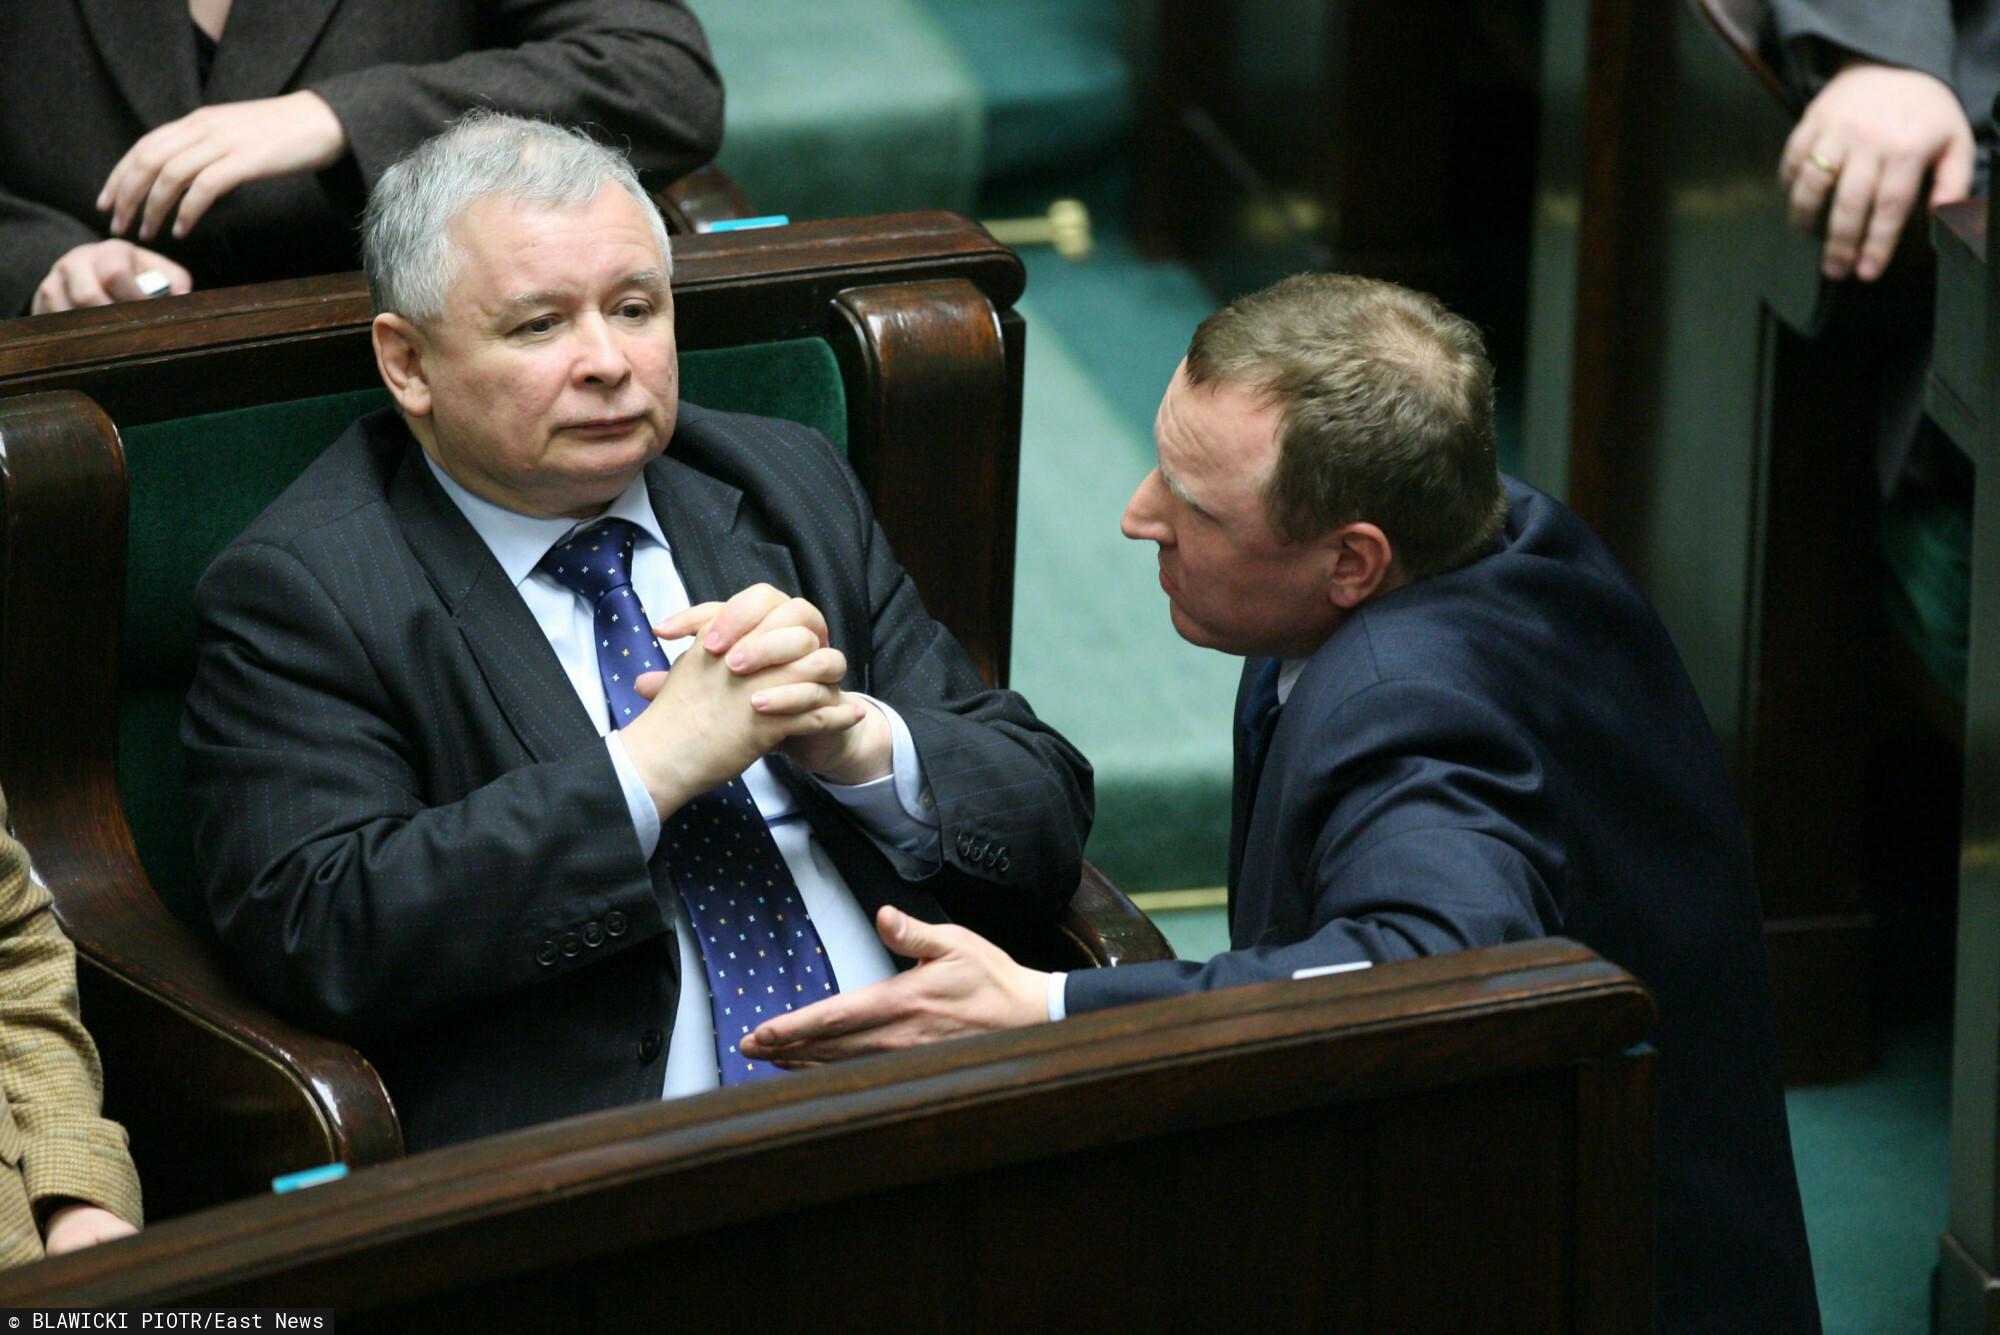 Jacek Kurski miał się ubiegać o stanowisko w rządzie.